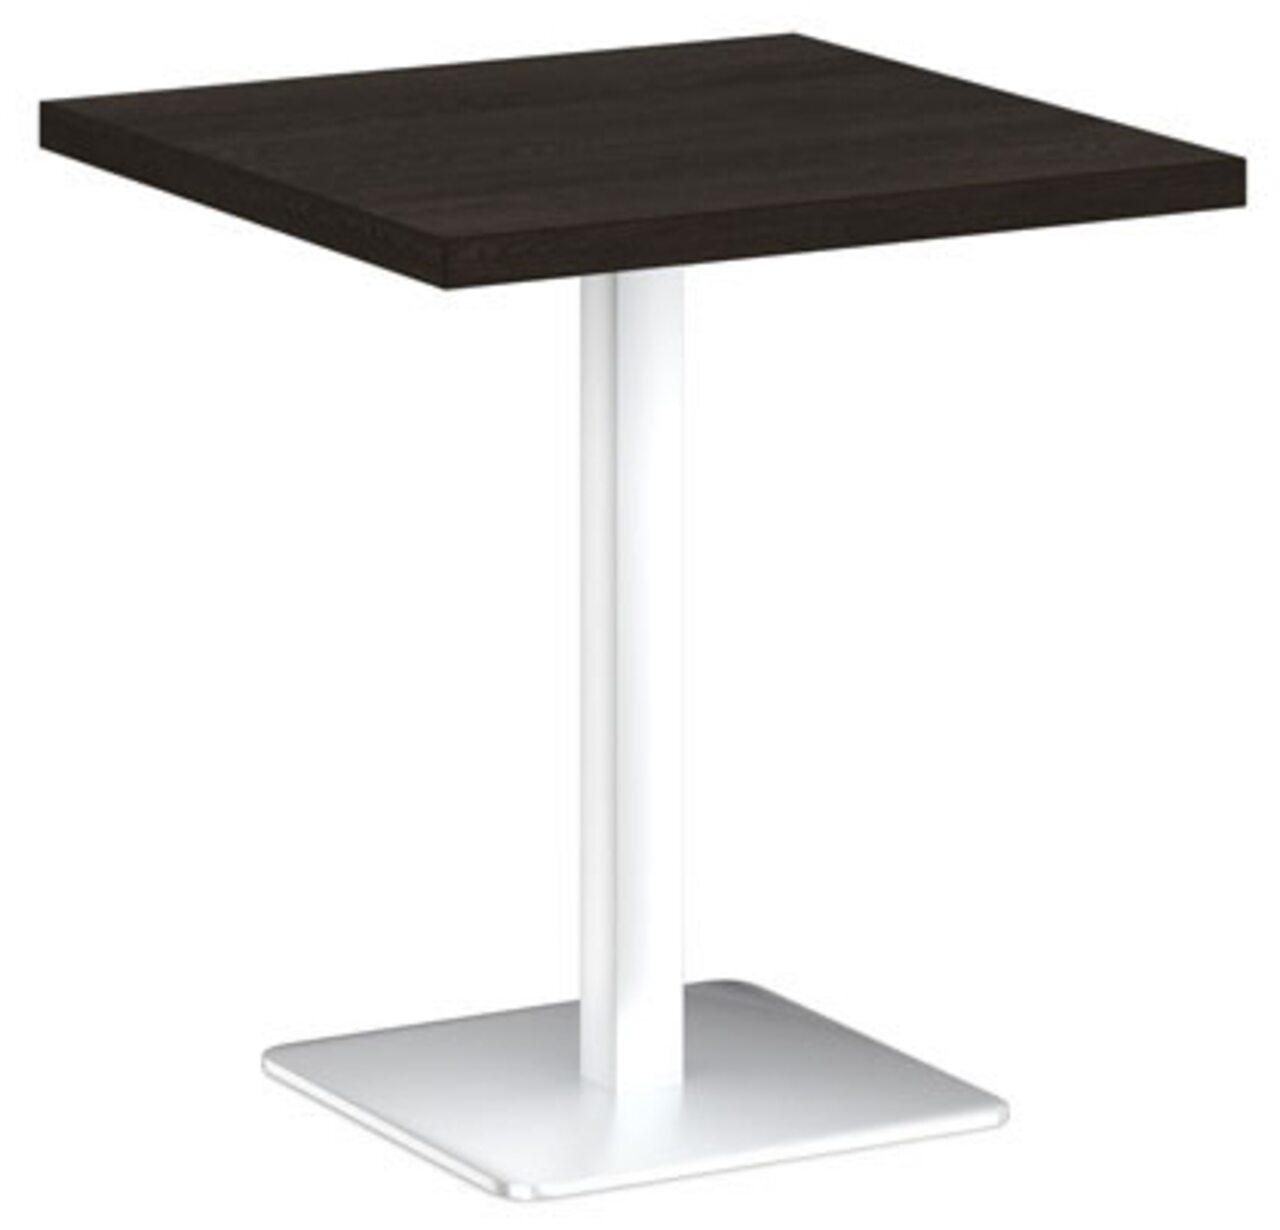 Стол на металлической опоре - фото 1